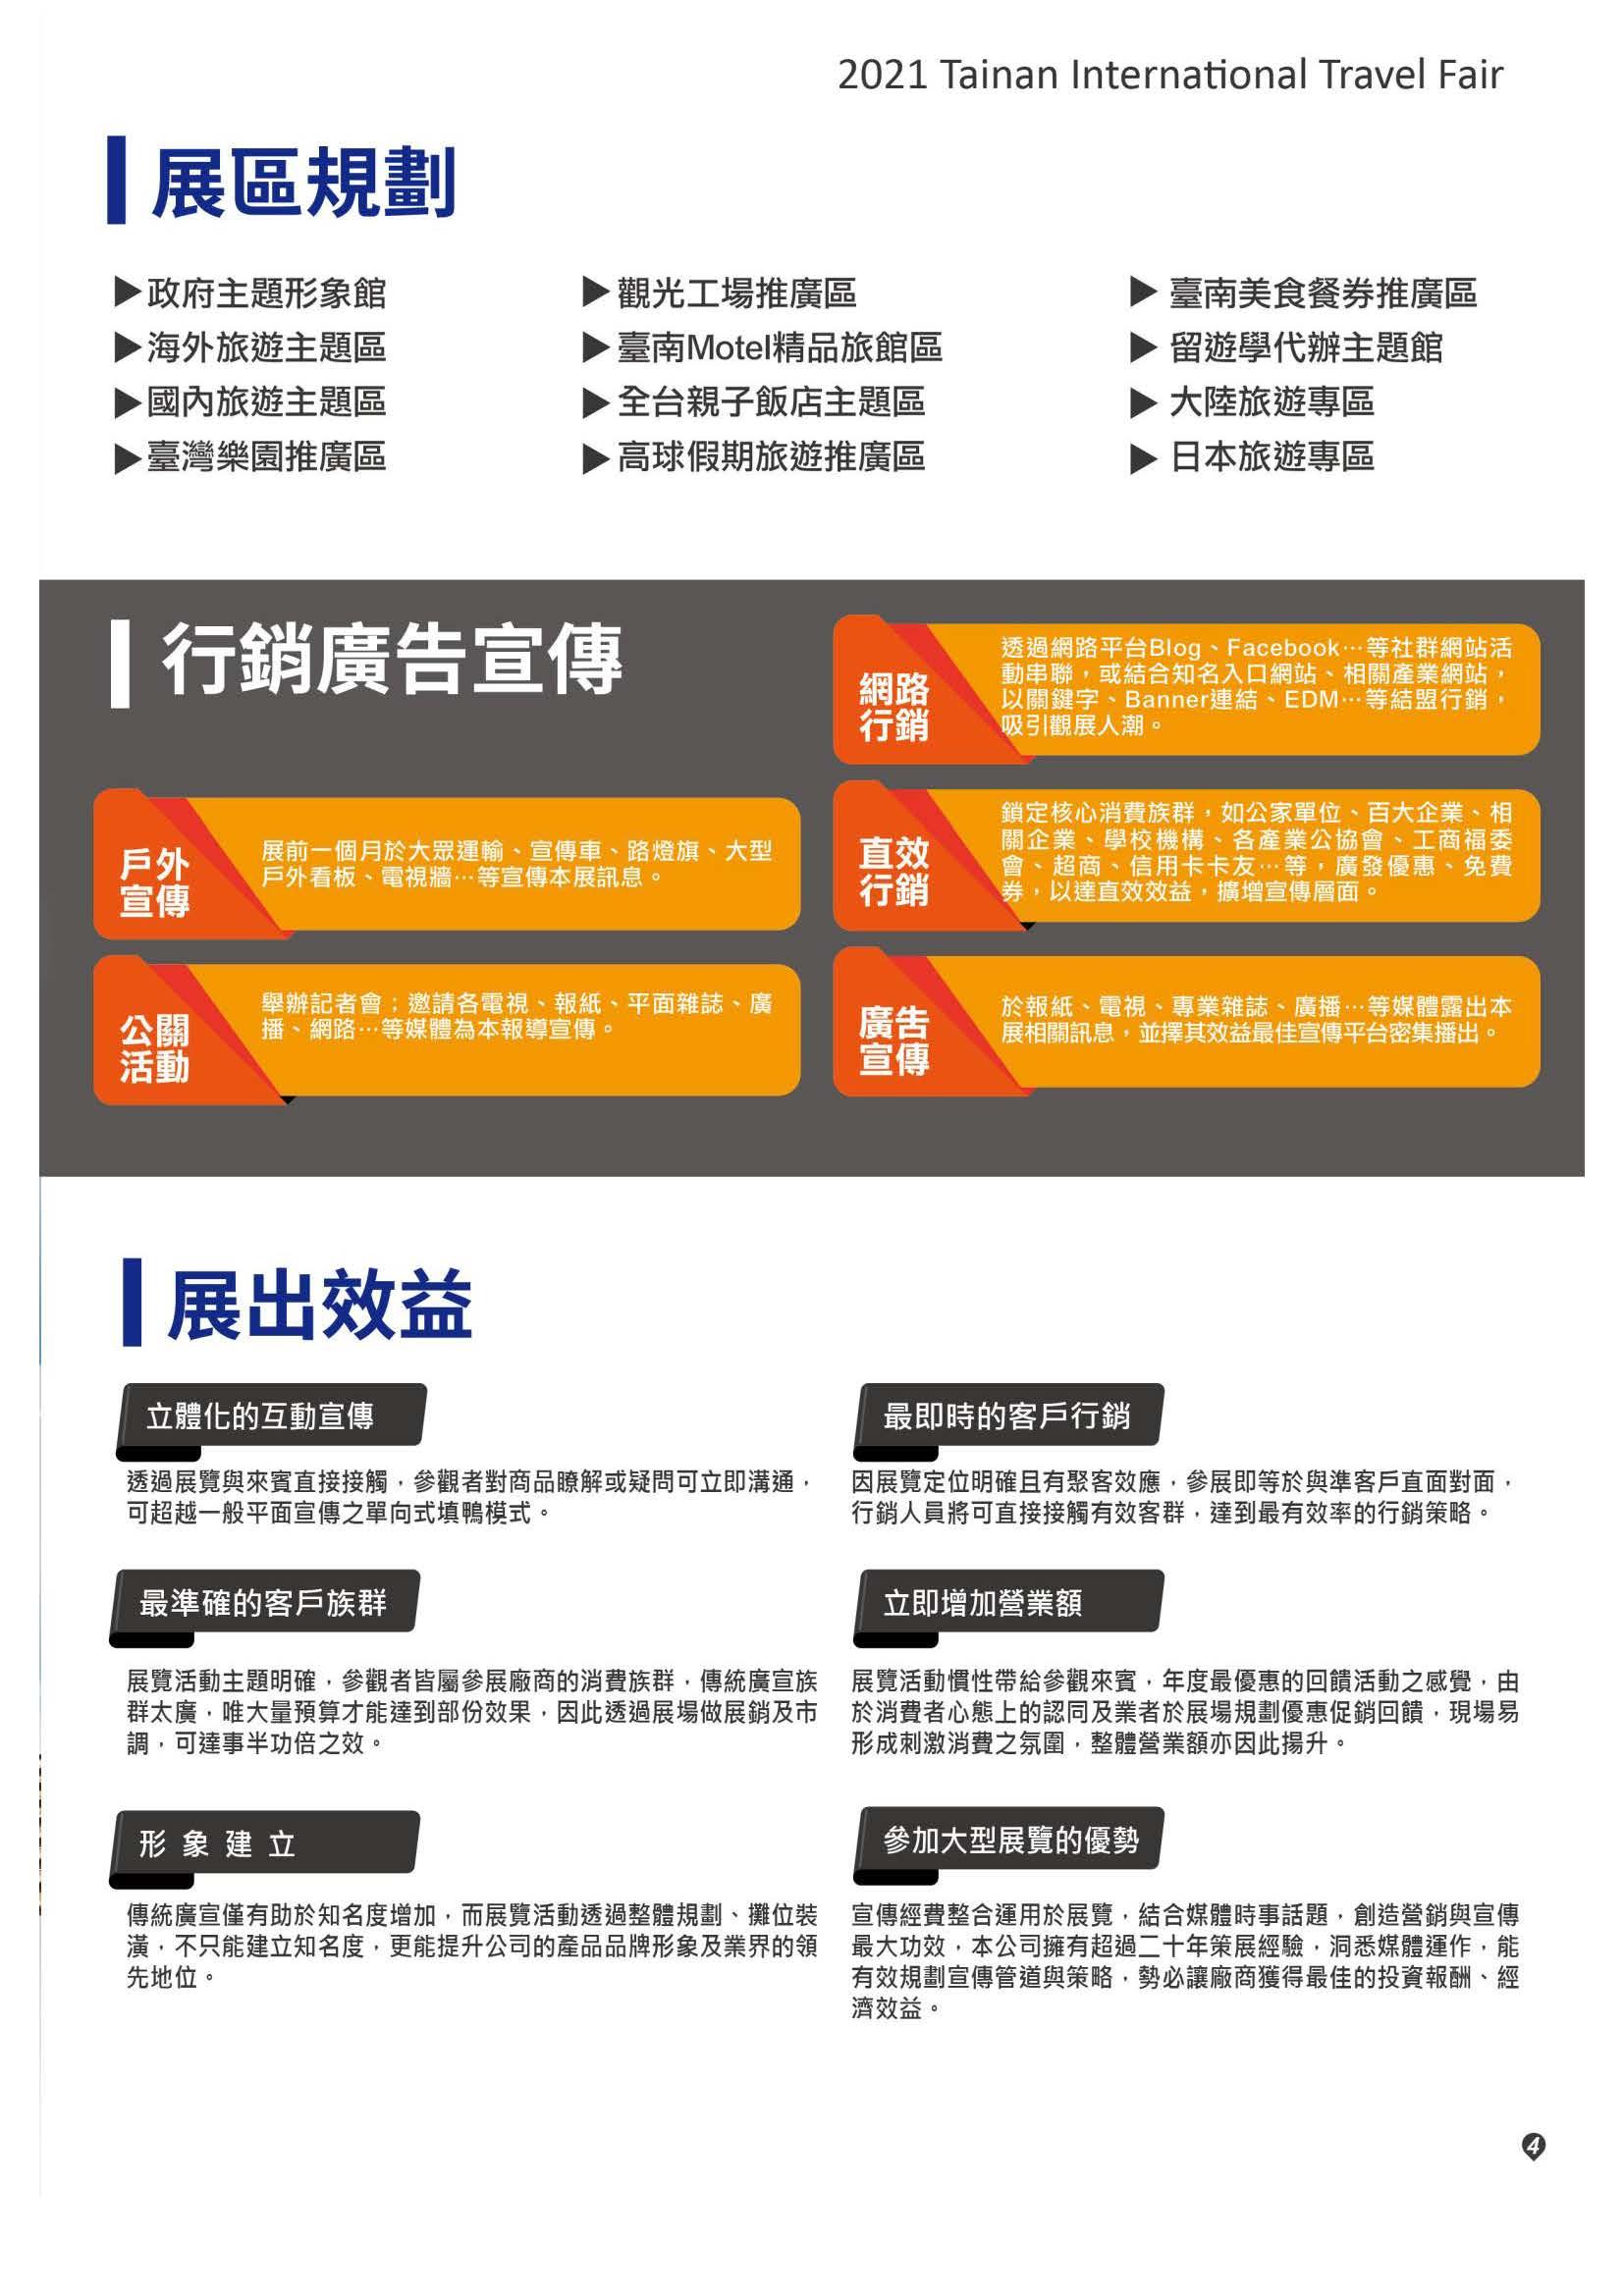 2021.11.12-15大臺南旅展企劃書(單頁版)_頁面_05